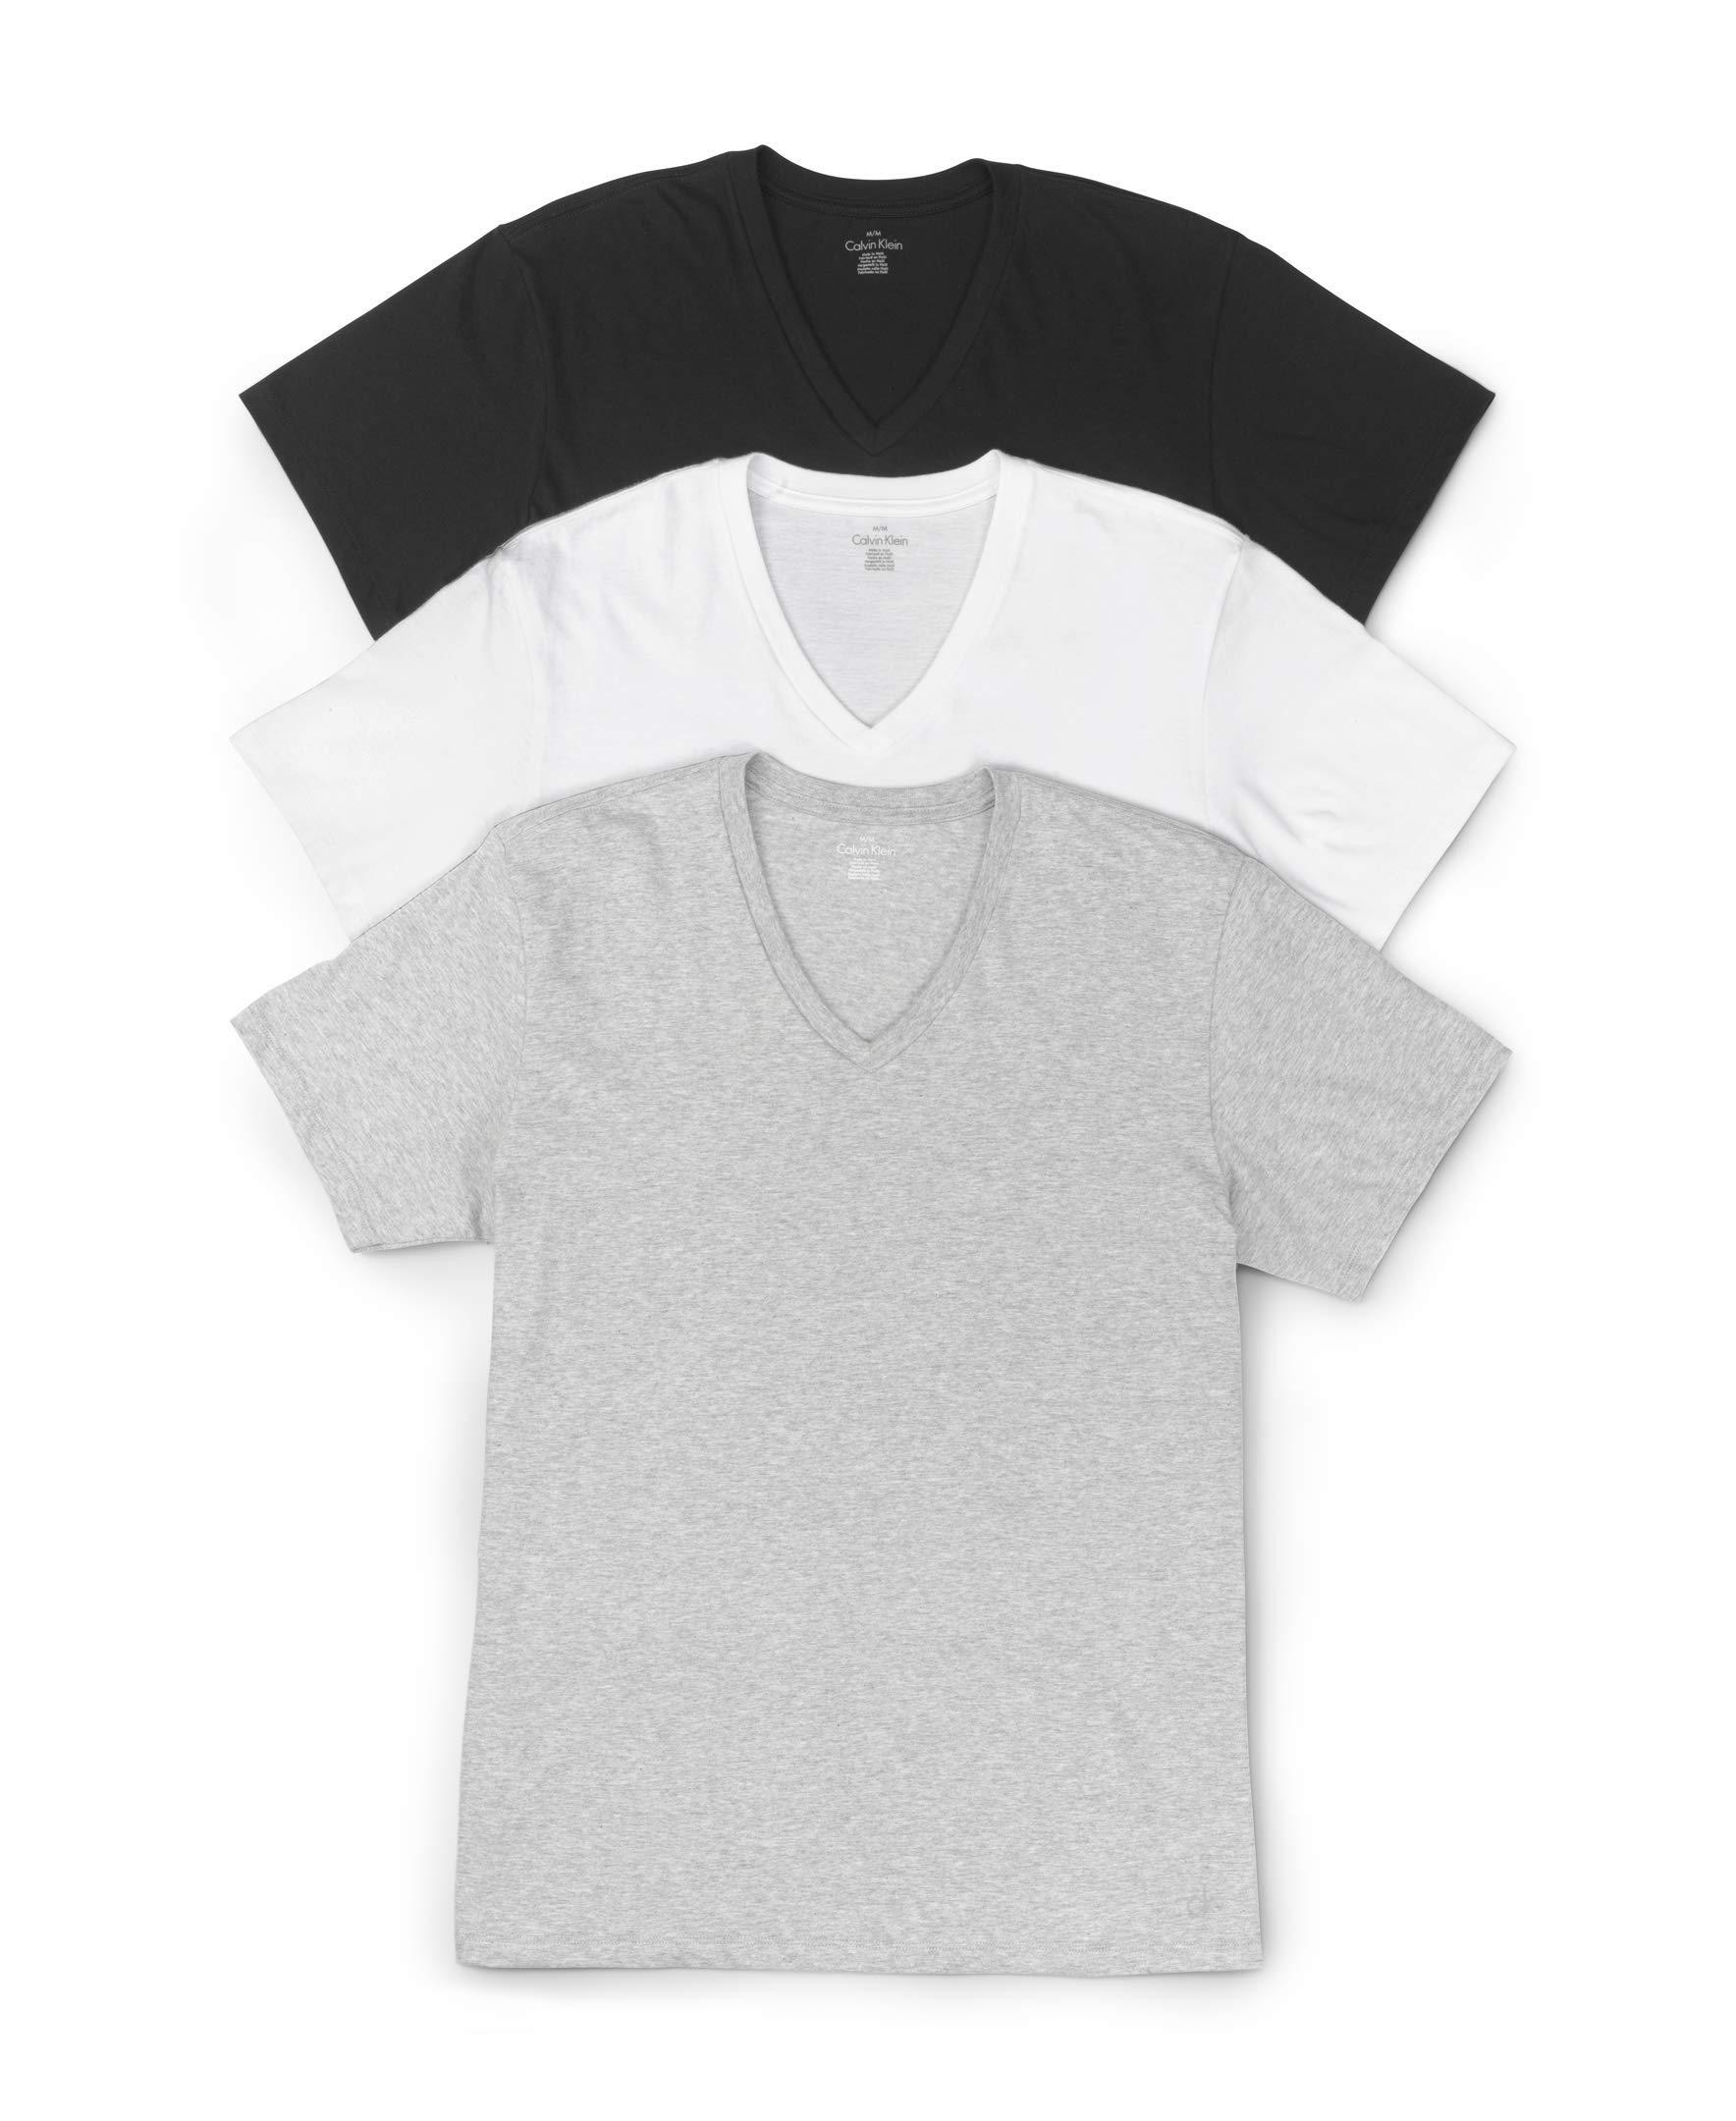 Calvin Klein Men's 3-Pack Cotton Classic Short Sleeve V-Neck T-Shirt, Multi, Medium